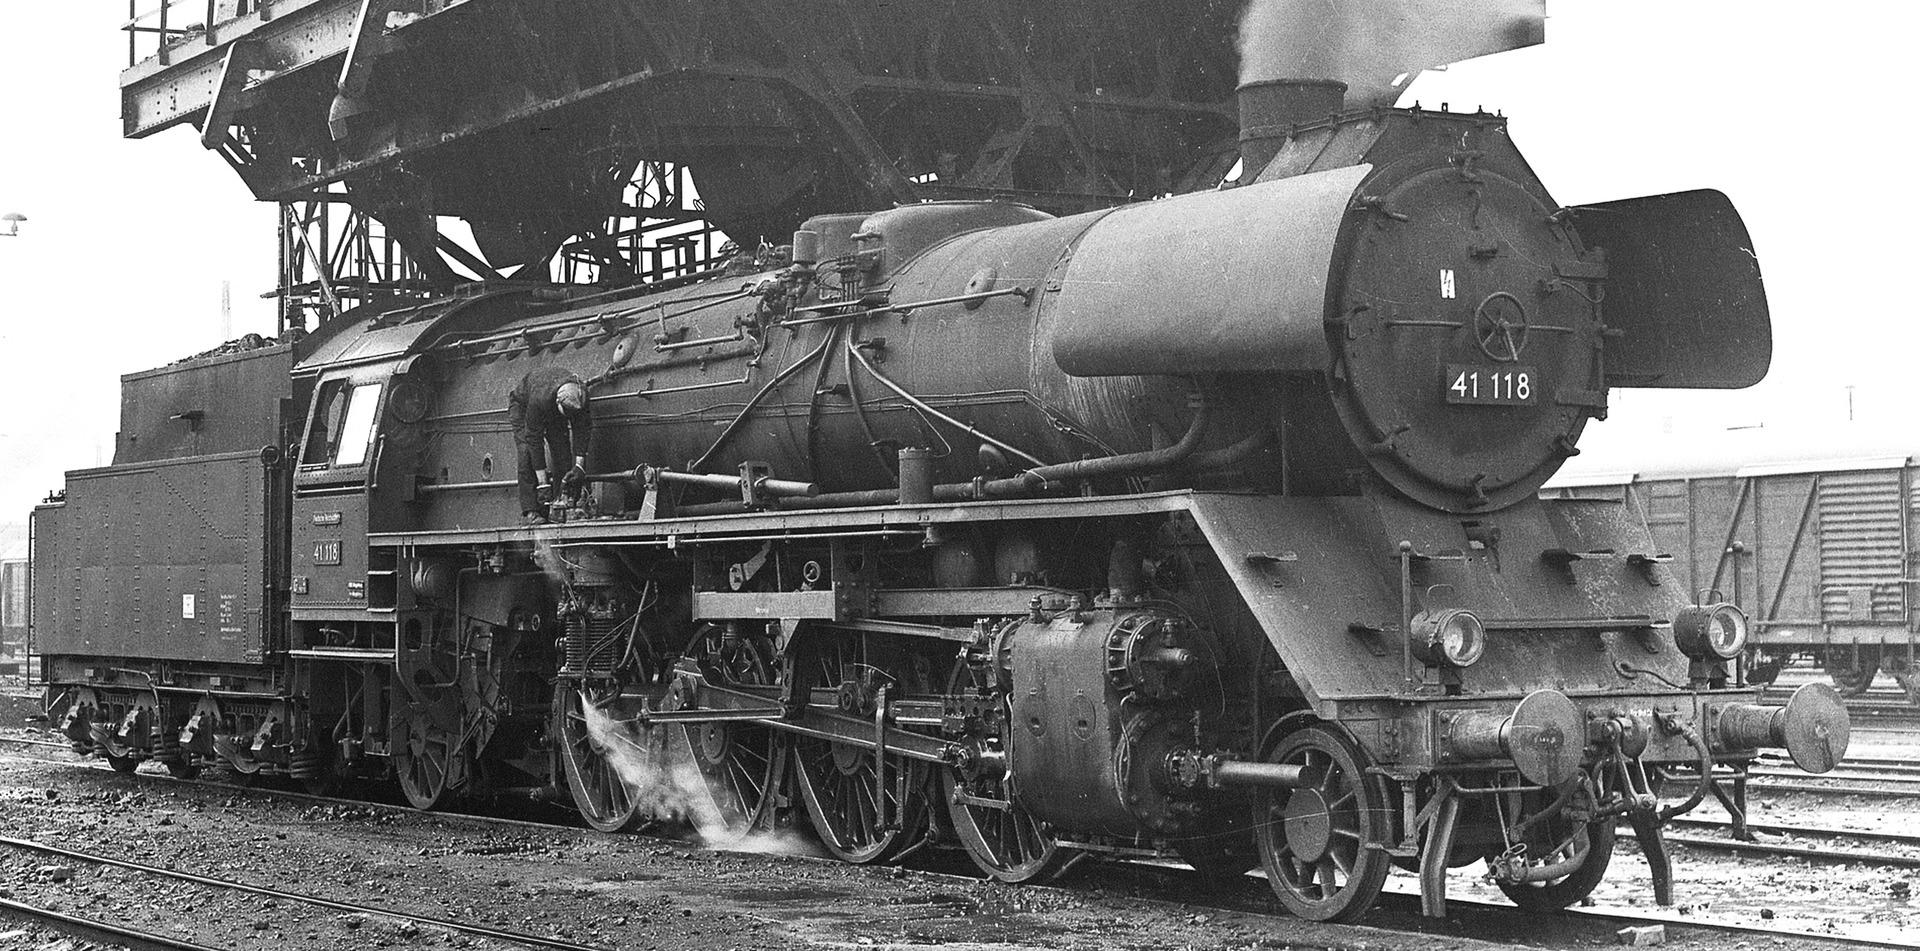 Fleischmann Steam Locomotive Br 41 With Reco Boiler